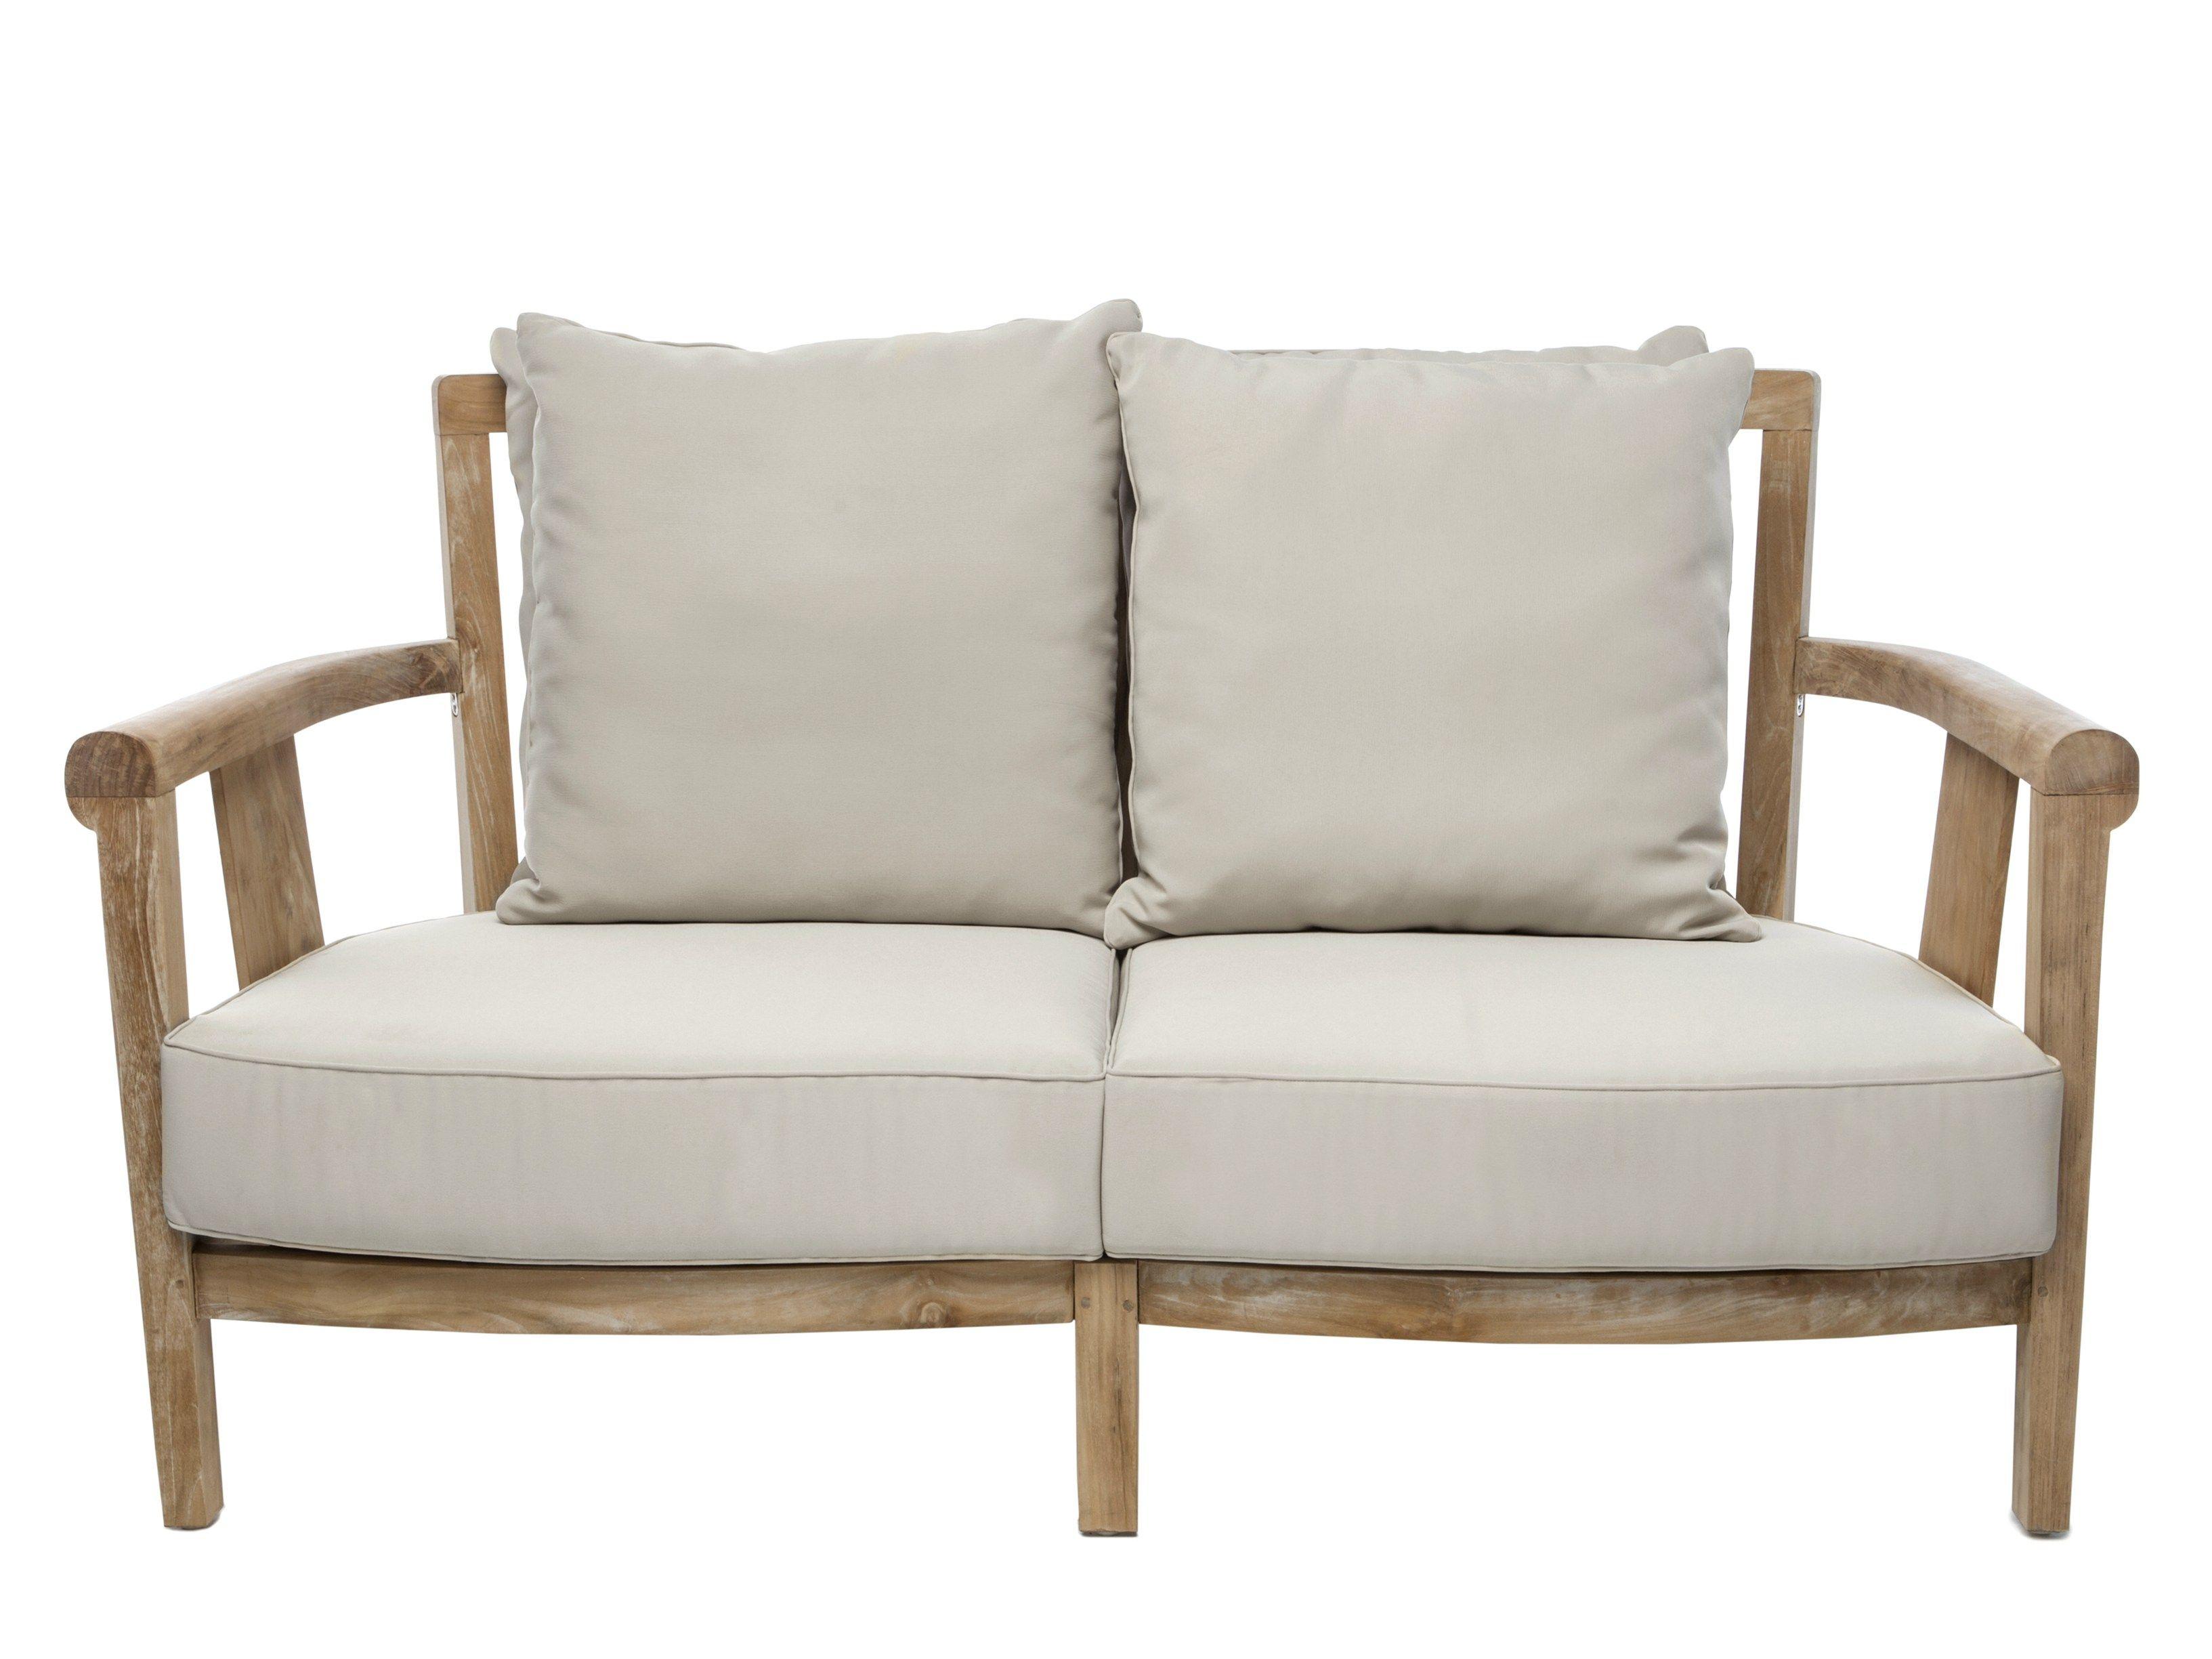 Sofabett holz  SUAR | Sofa By Il Giardino di Legno design CIPIUELLE